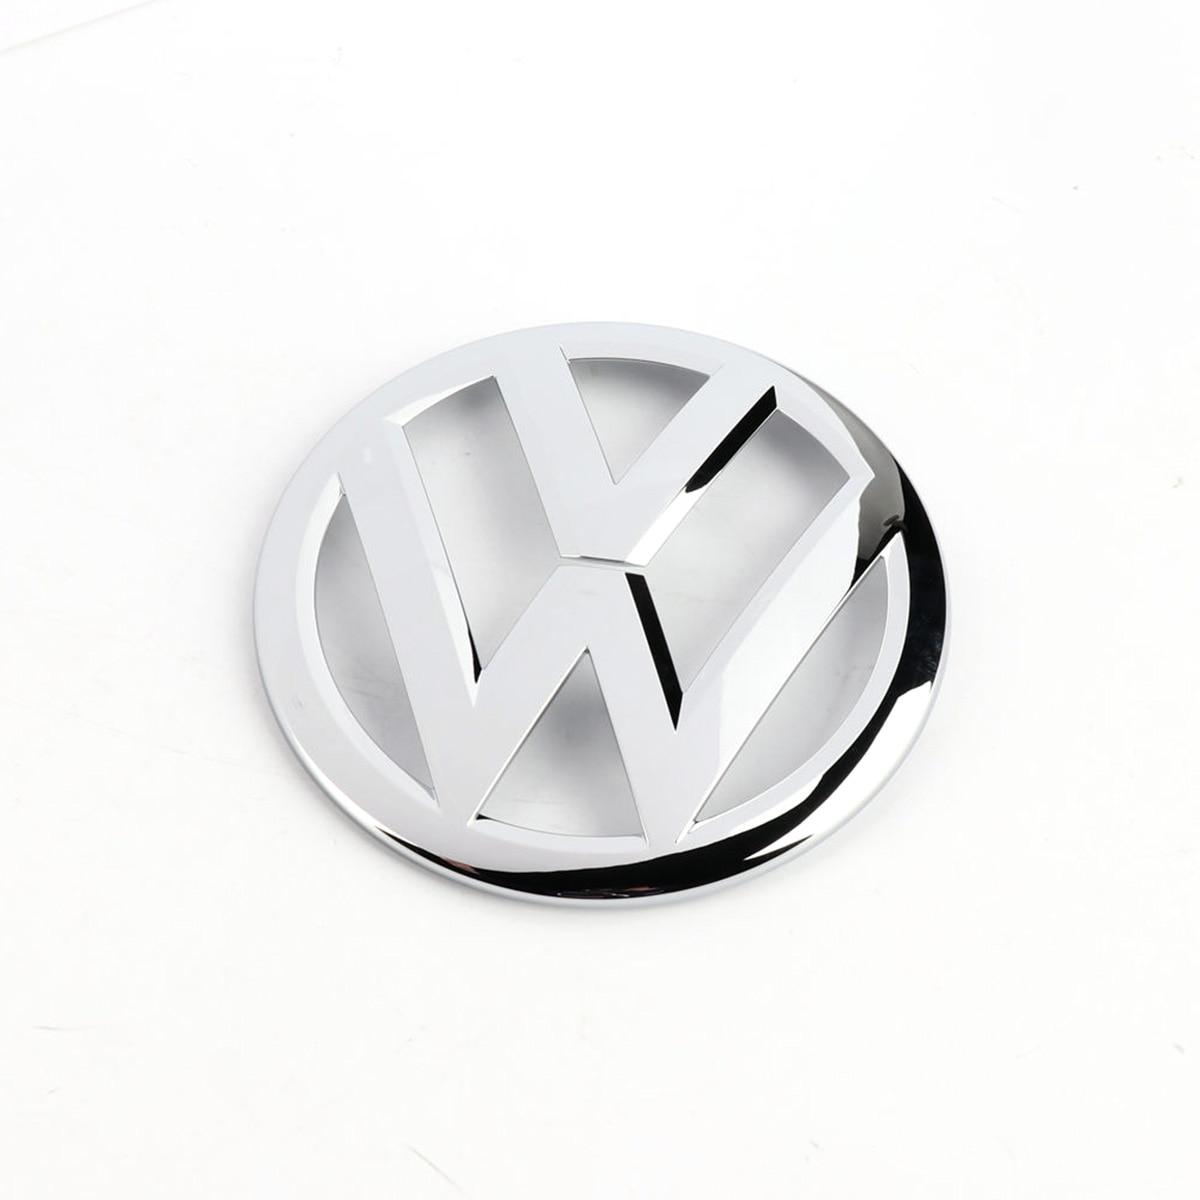 OEM Front Center Grille Chrome Emblem Badge Logo Grill Decal Fit for VW Golf MK7 VII